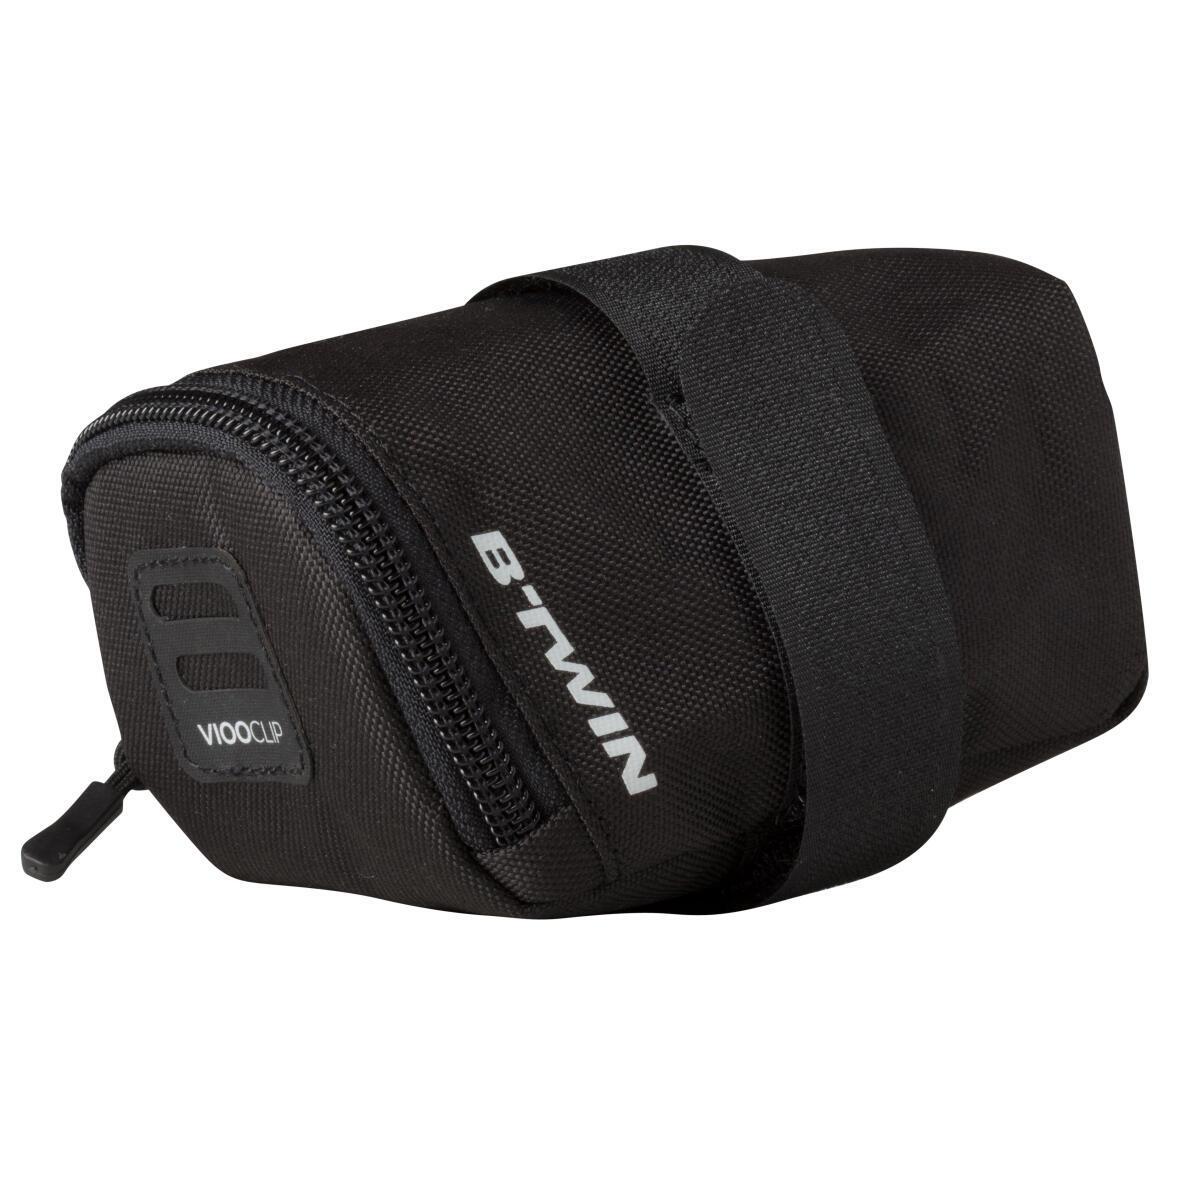 BTT ROCKRIDER ST 100 bolsa de sillín compatible